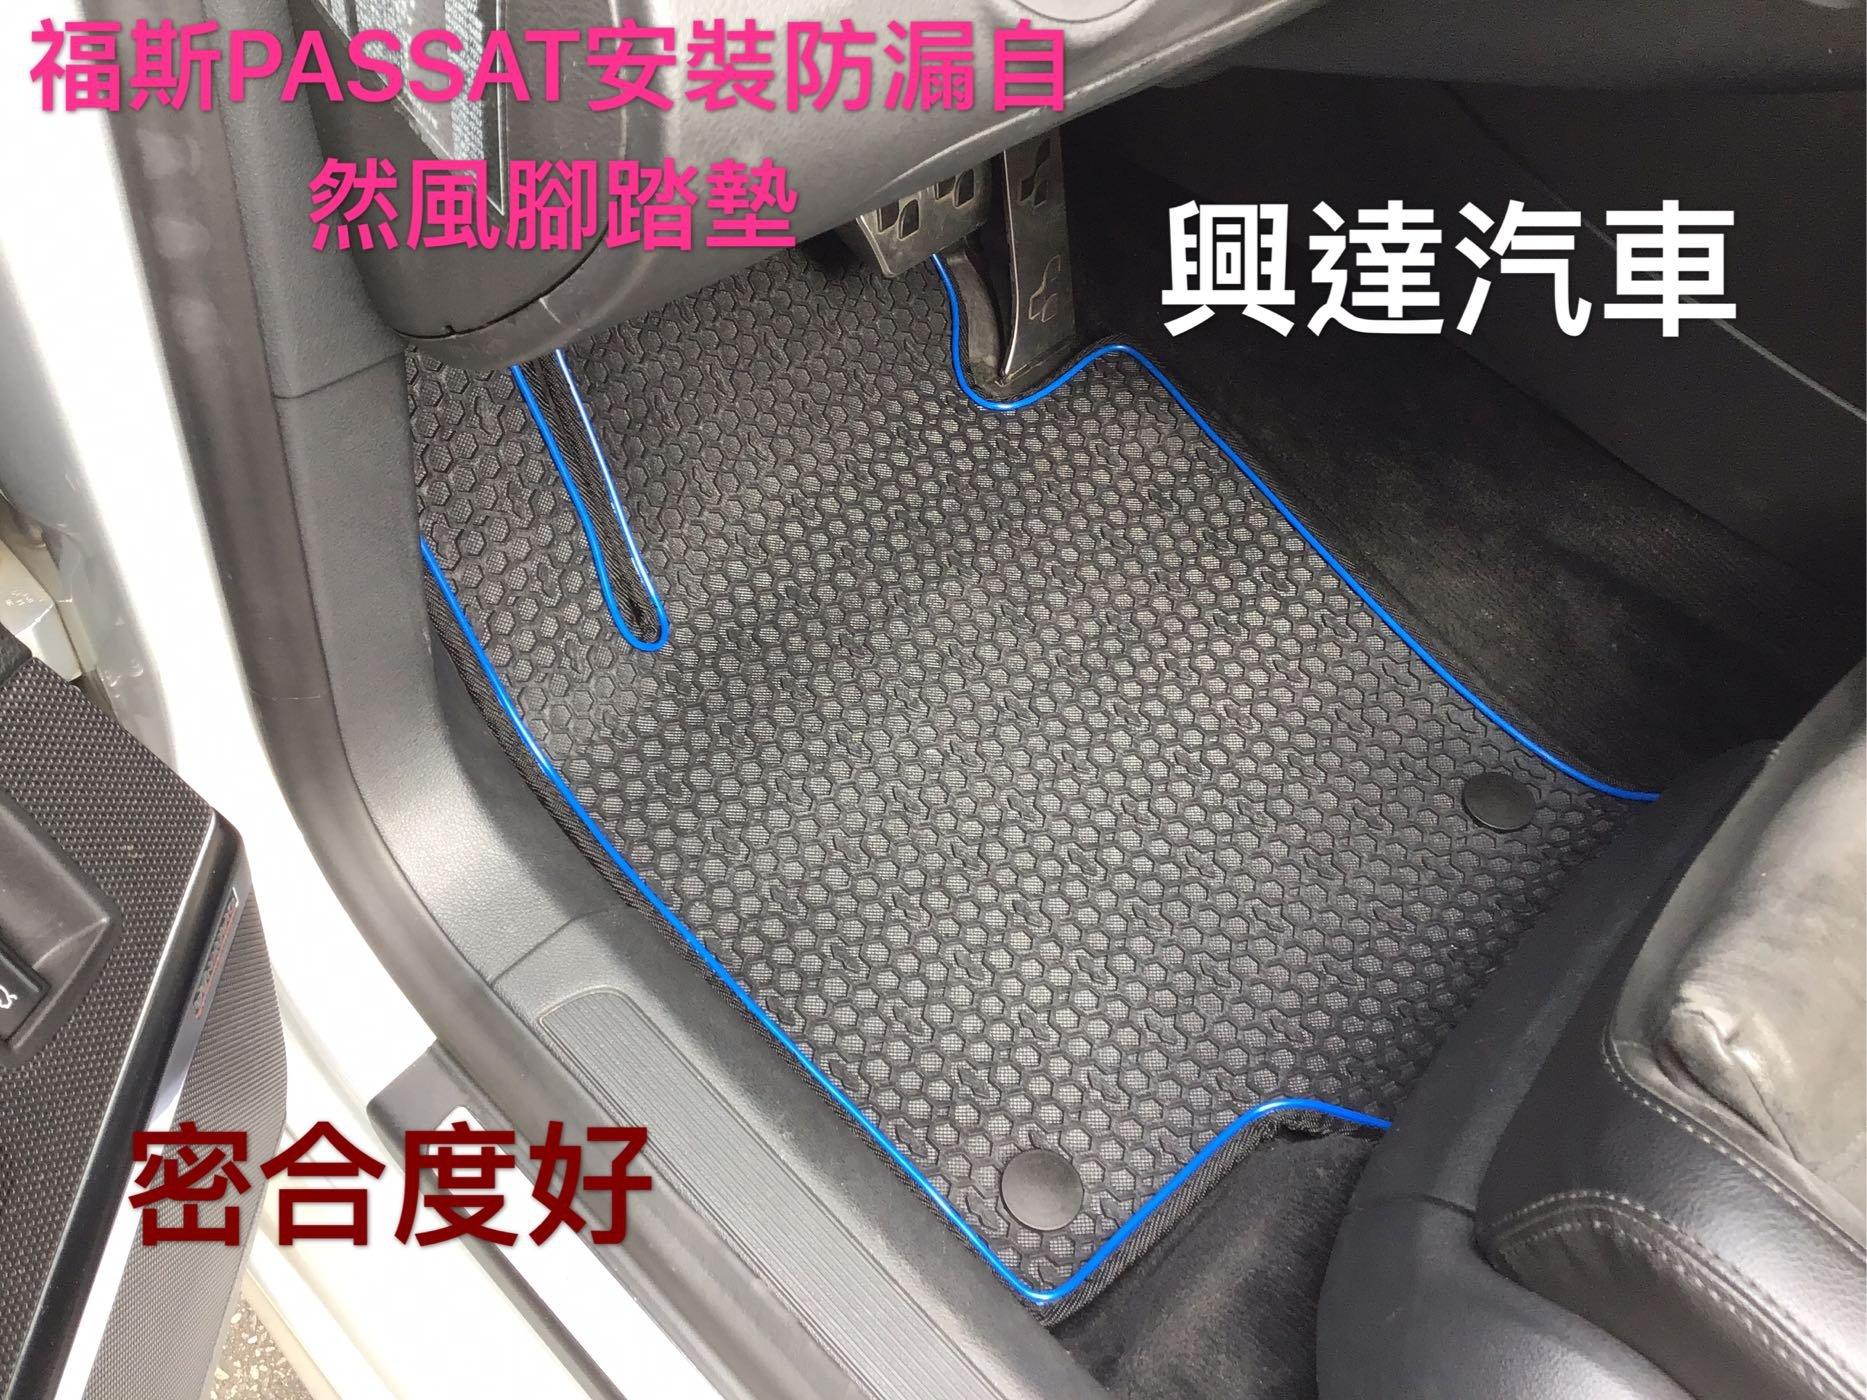 福斯PASSAT安裝耐磨自然風腳踏墊、也可加防漏邊、無毒、無甲苯